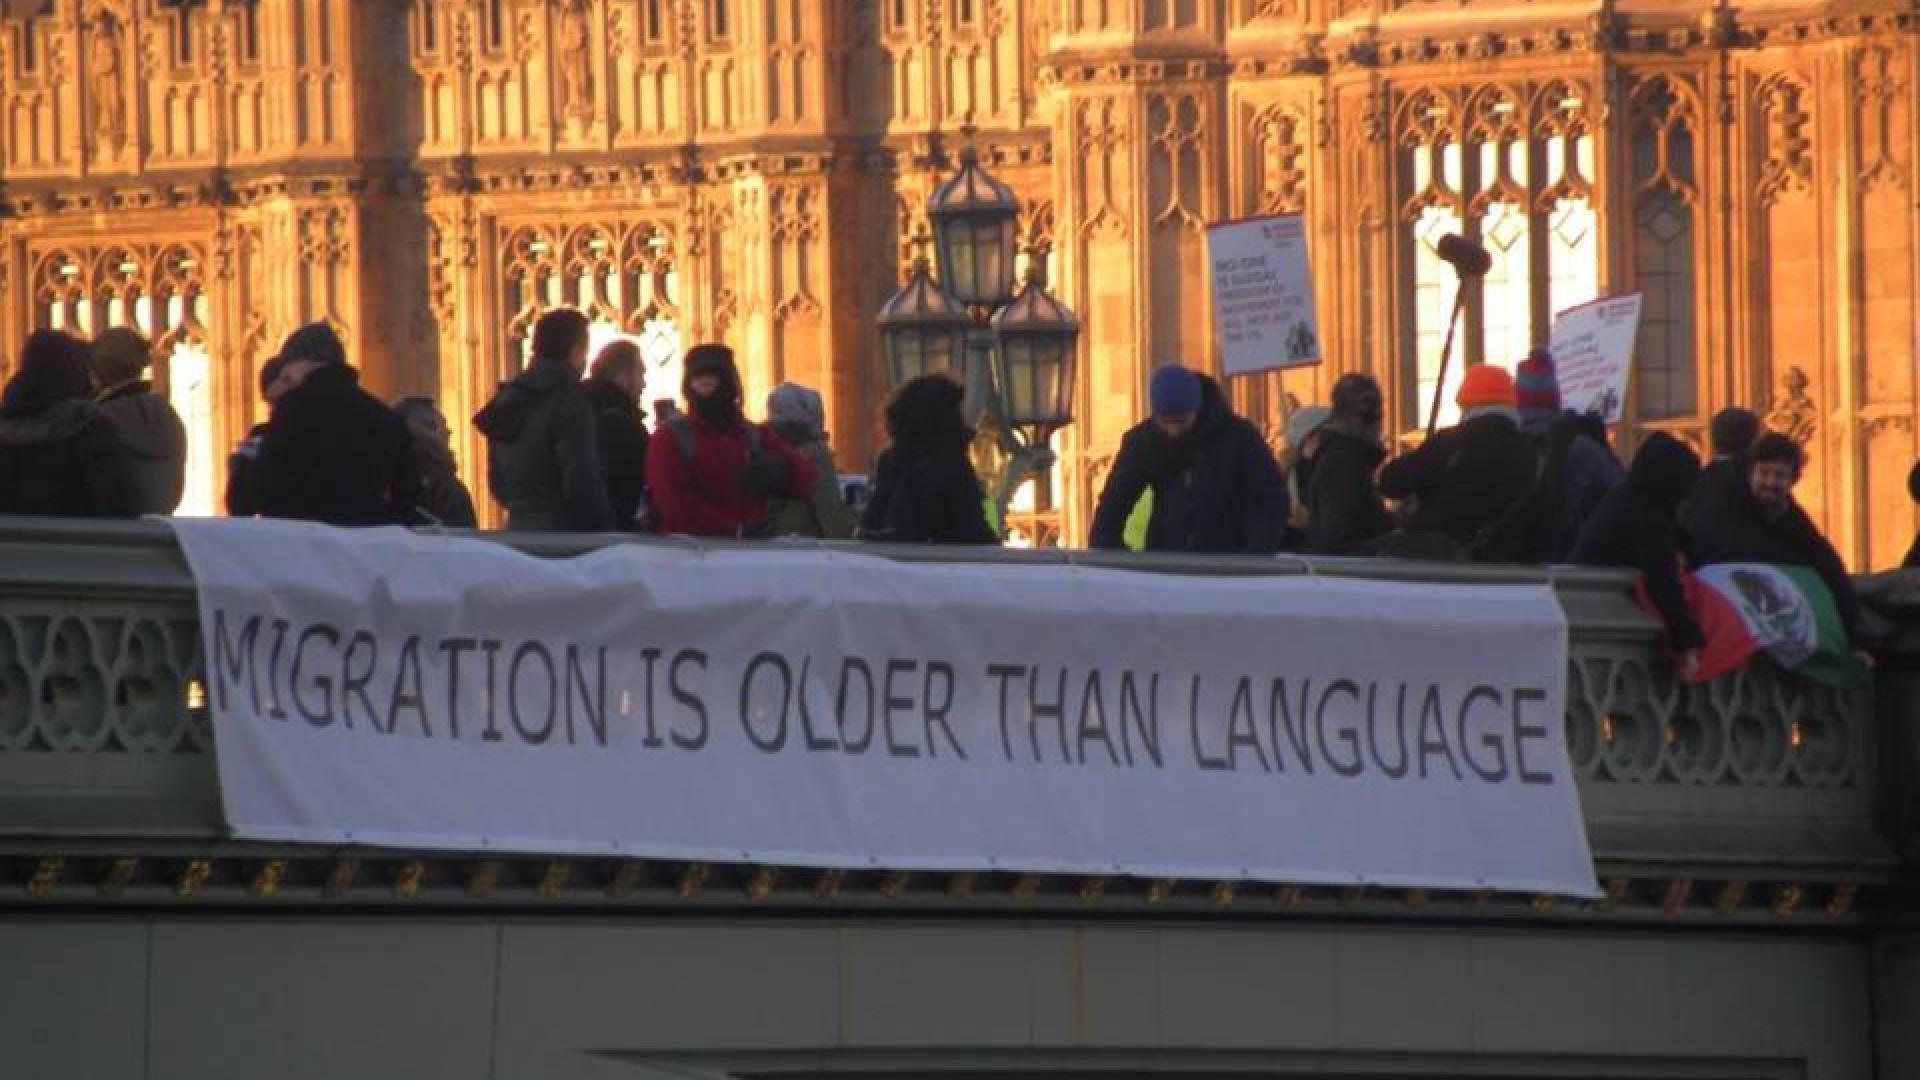 Reino Unido: Portugueses mobilizam-se em campanha que celebra imigrantes